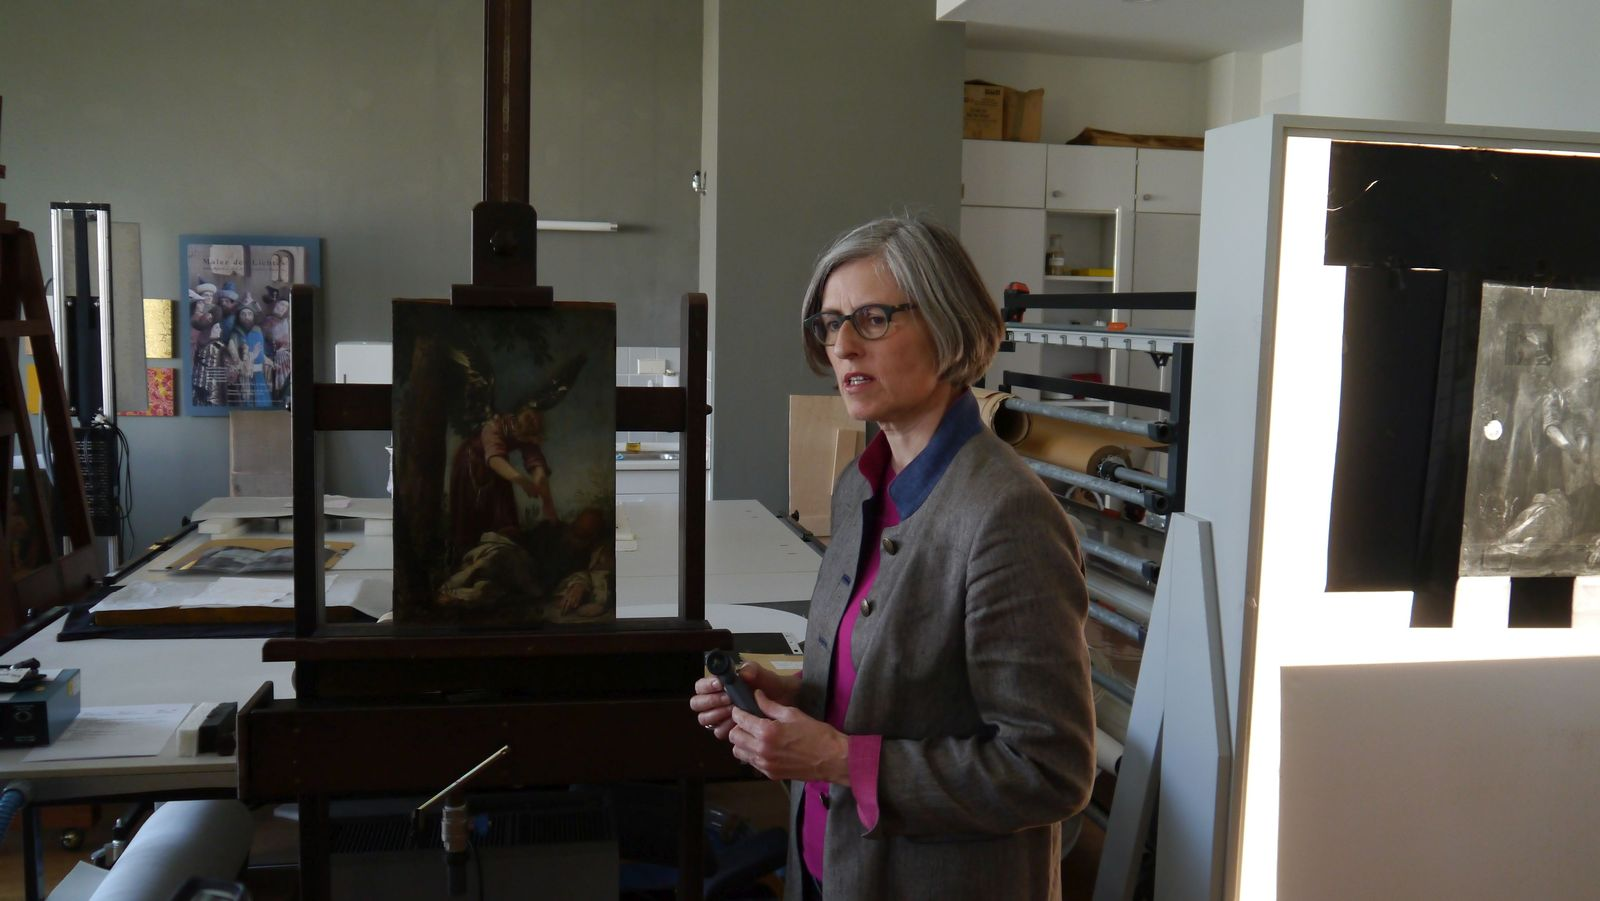 Babette Hartwieg, die Leiterin der Restaurierungswerkstatt, berichtet von der Untersuchung des Gemäldes. Foto: SMB / Sven Stienen